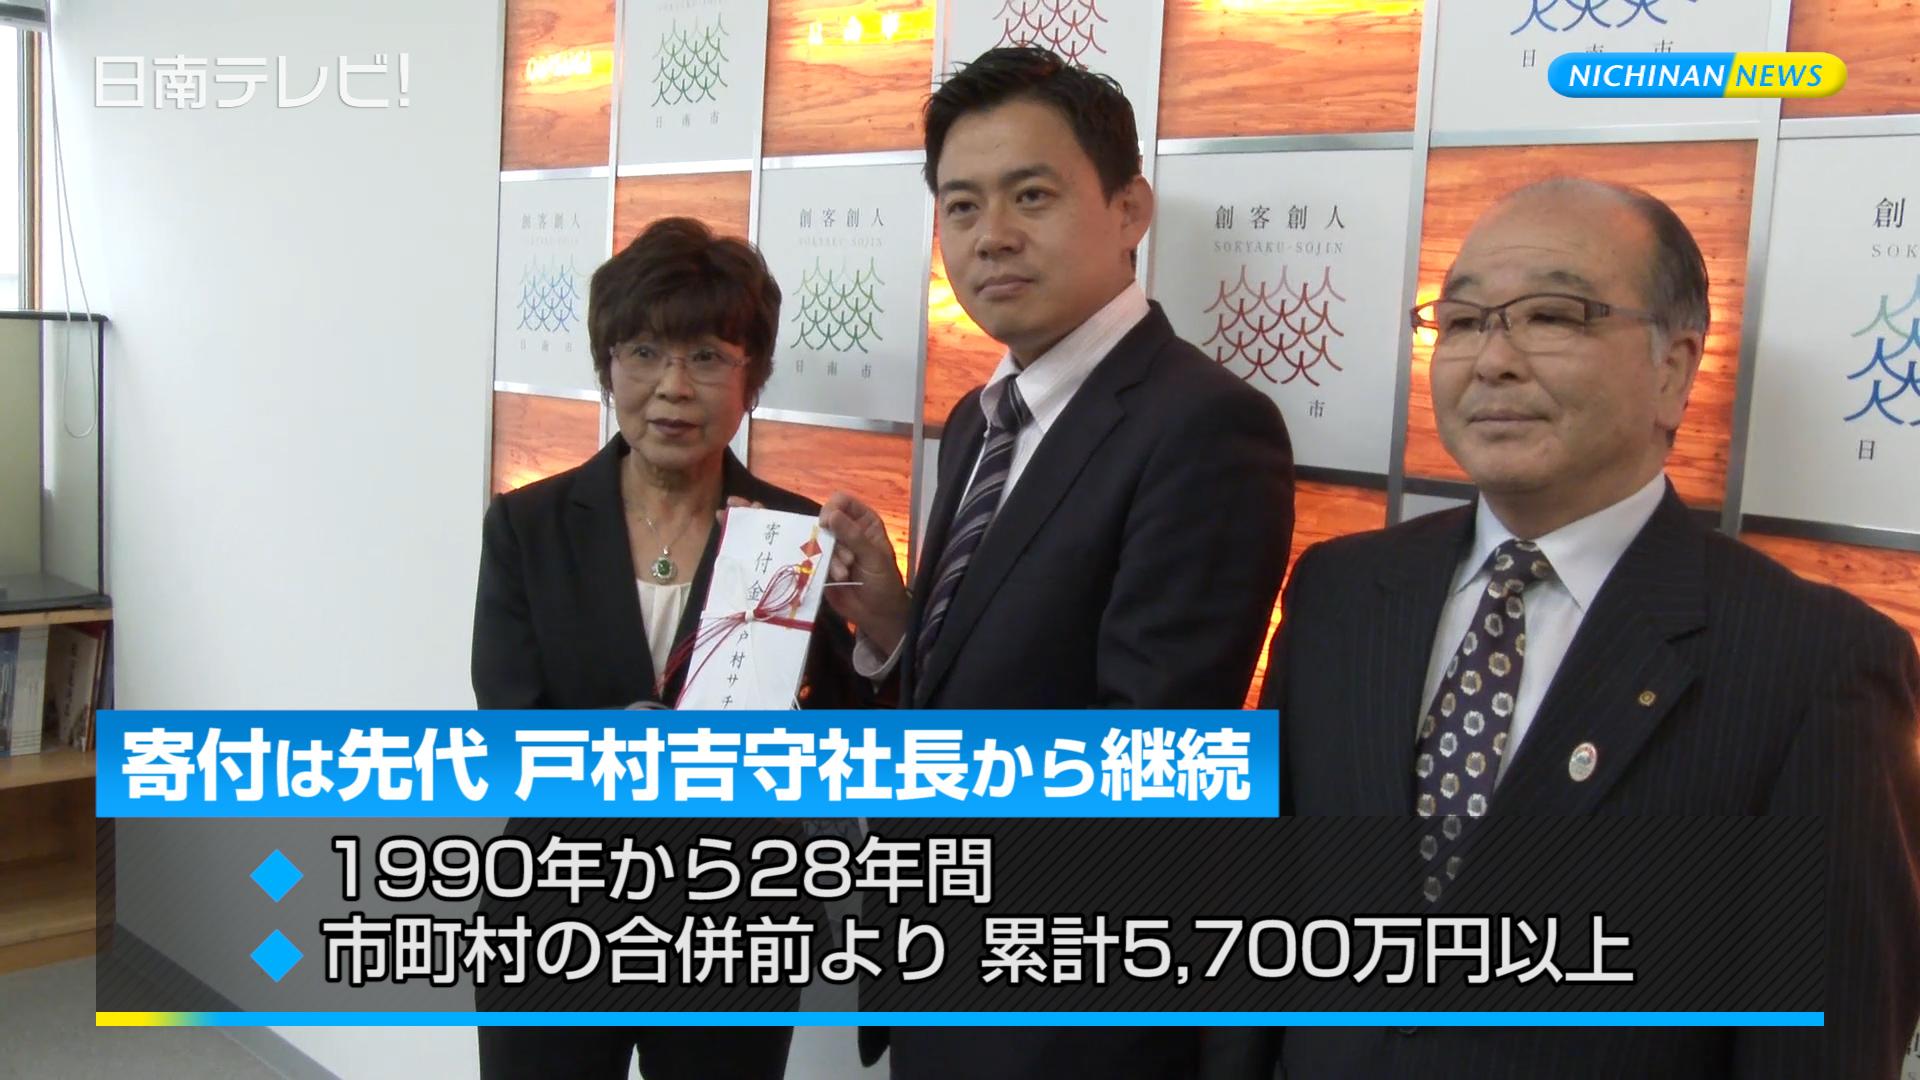 戸村精肉本店 日南市へ100万円寄付